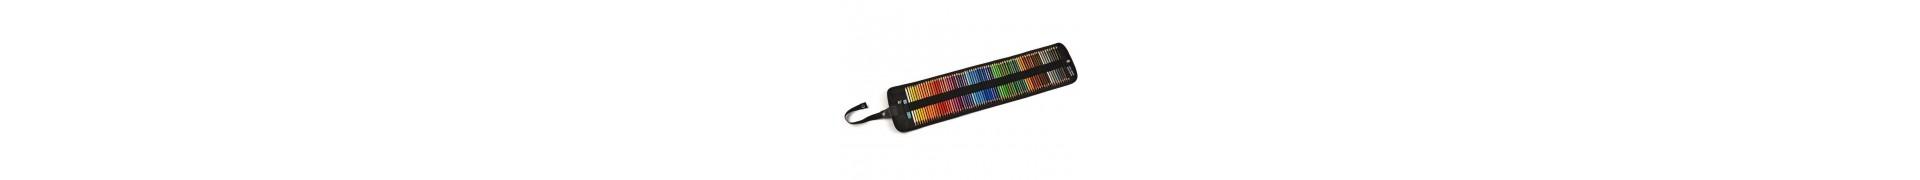 Trousse crayon couleur CORECTOR Polycolor - Trousse souple - 72 Crayons Polycolor